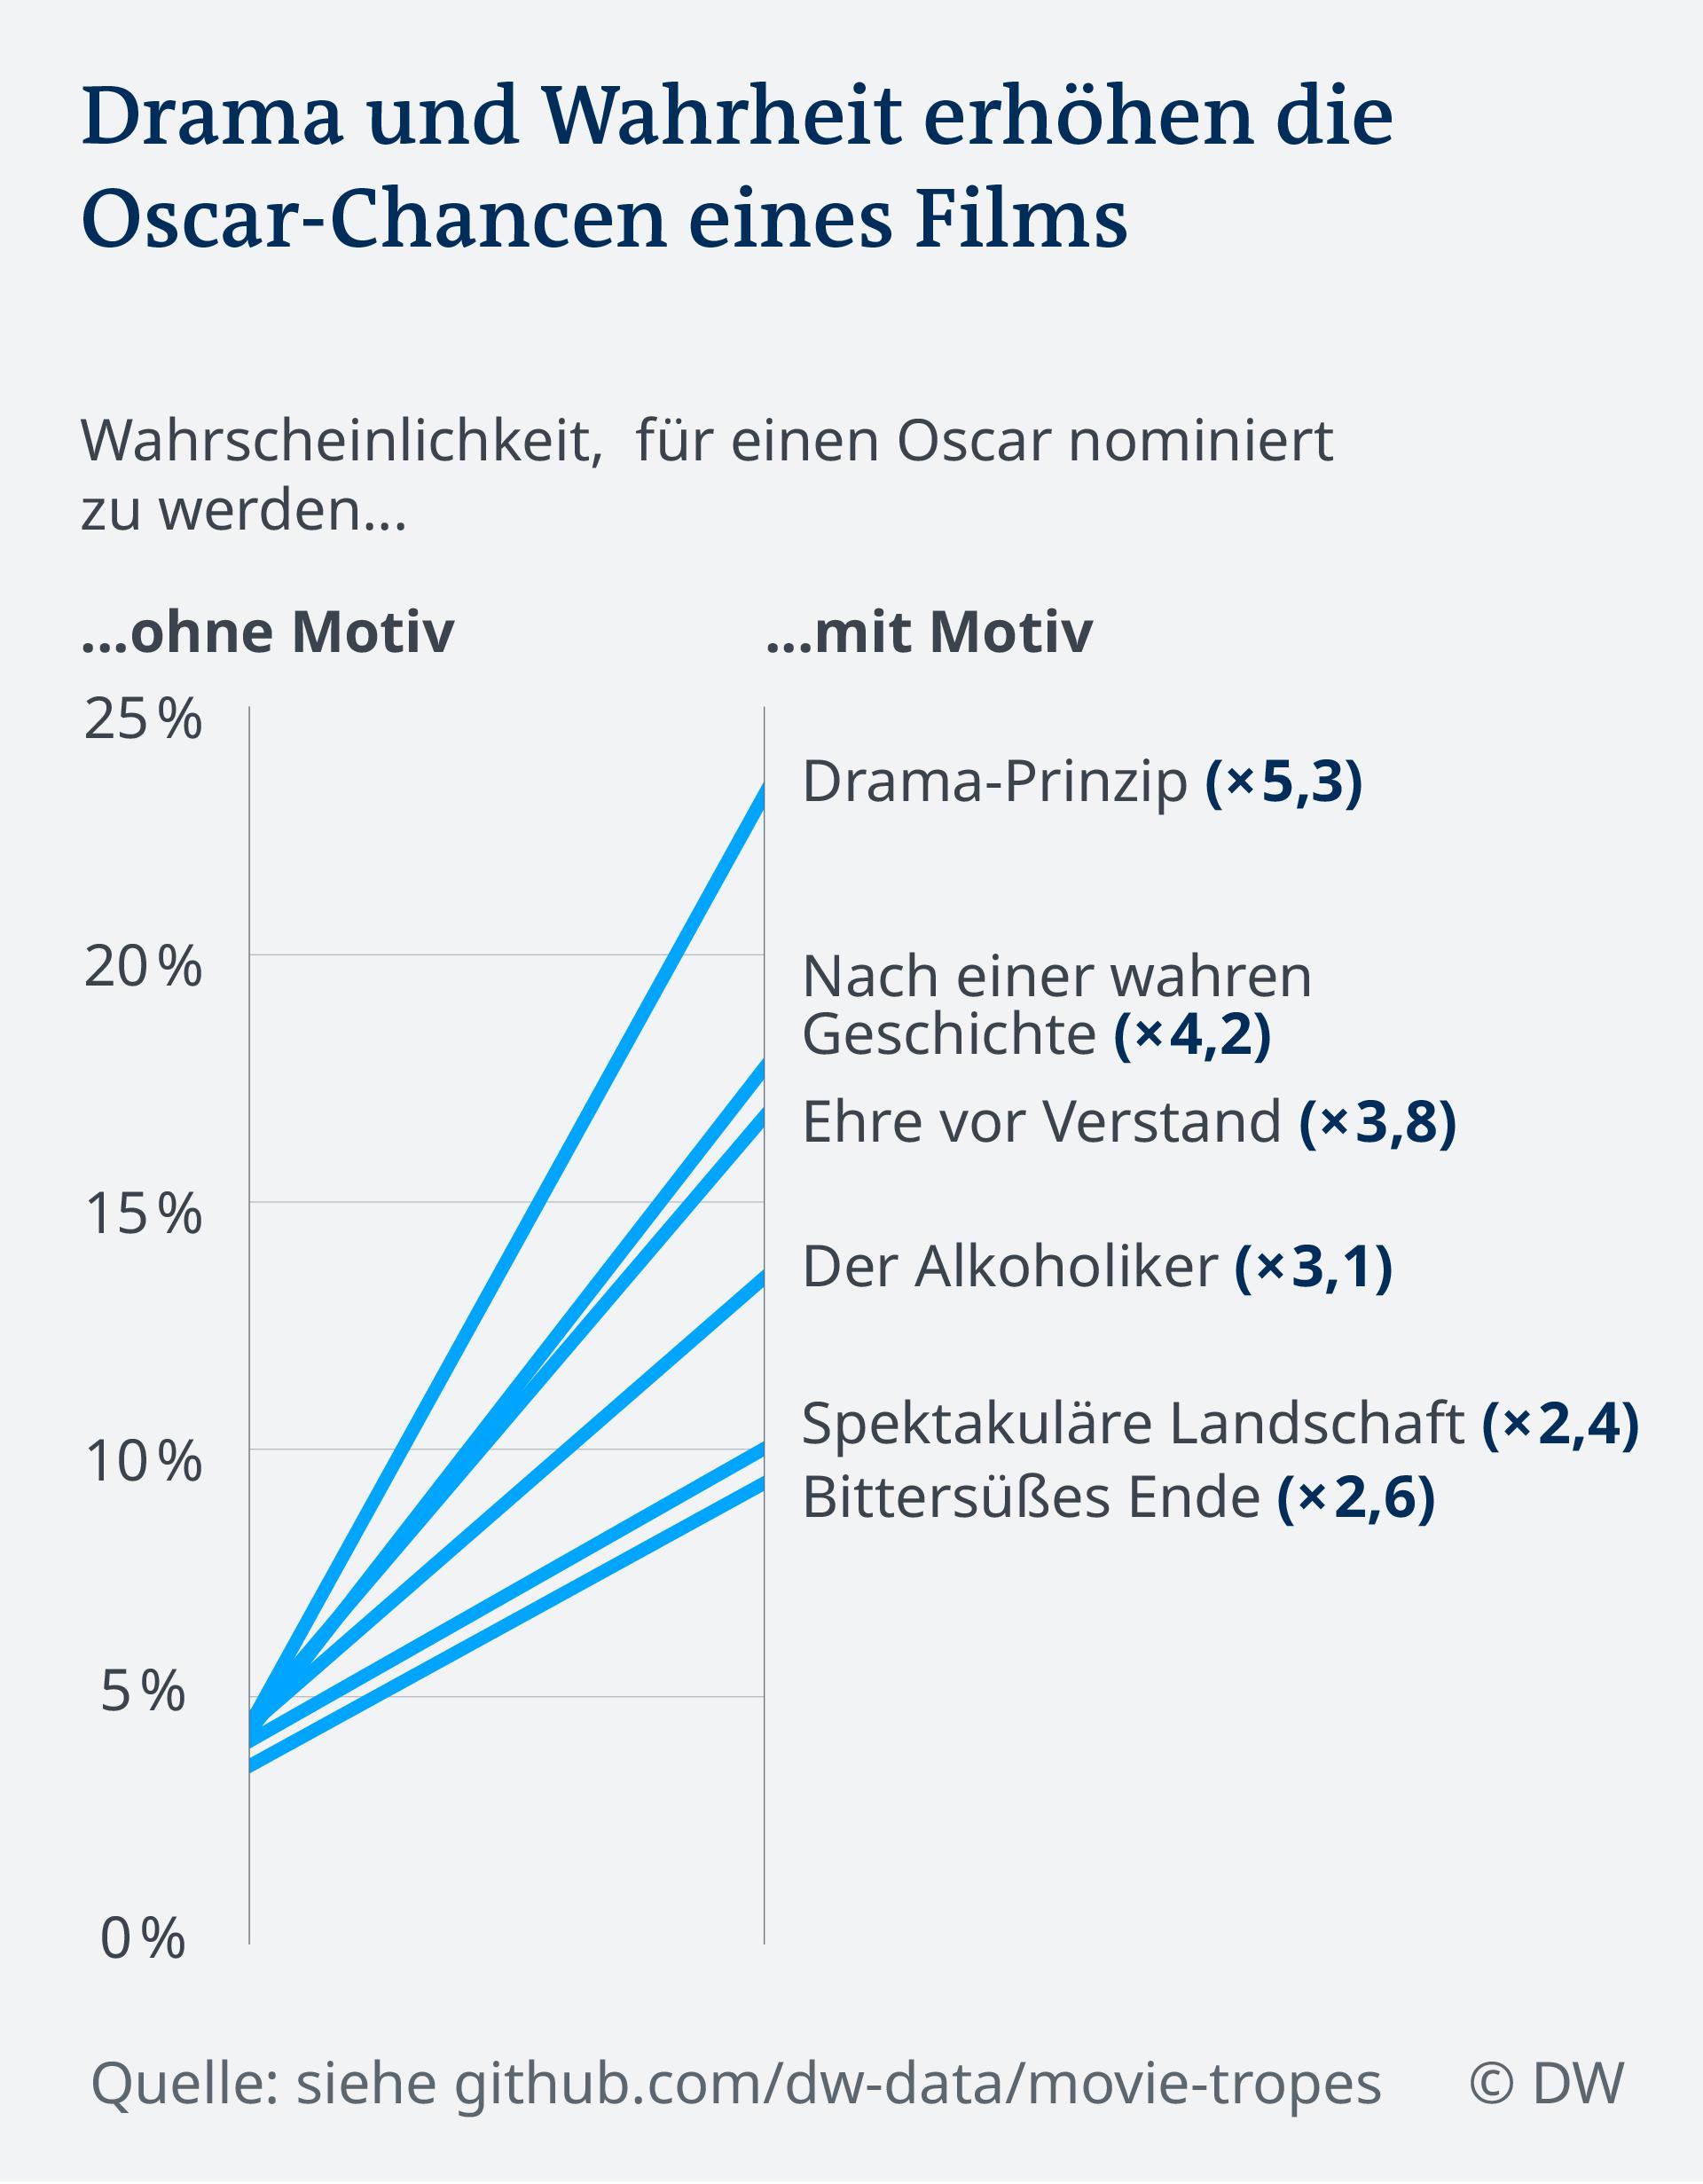 Datenvisualisierung DW-Analyse: Drama oder Wahrheit erhöhen die Oscar-Chancen eines Films (Copyright: DW)